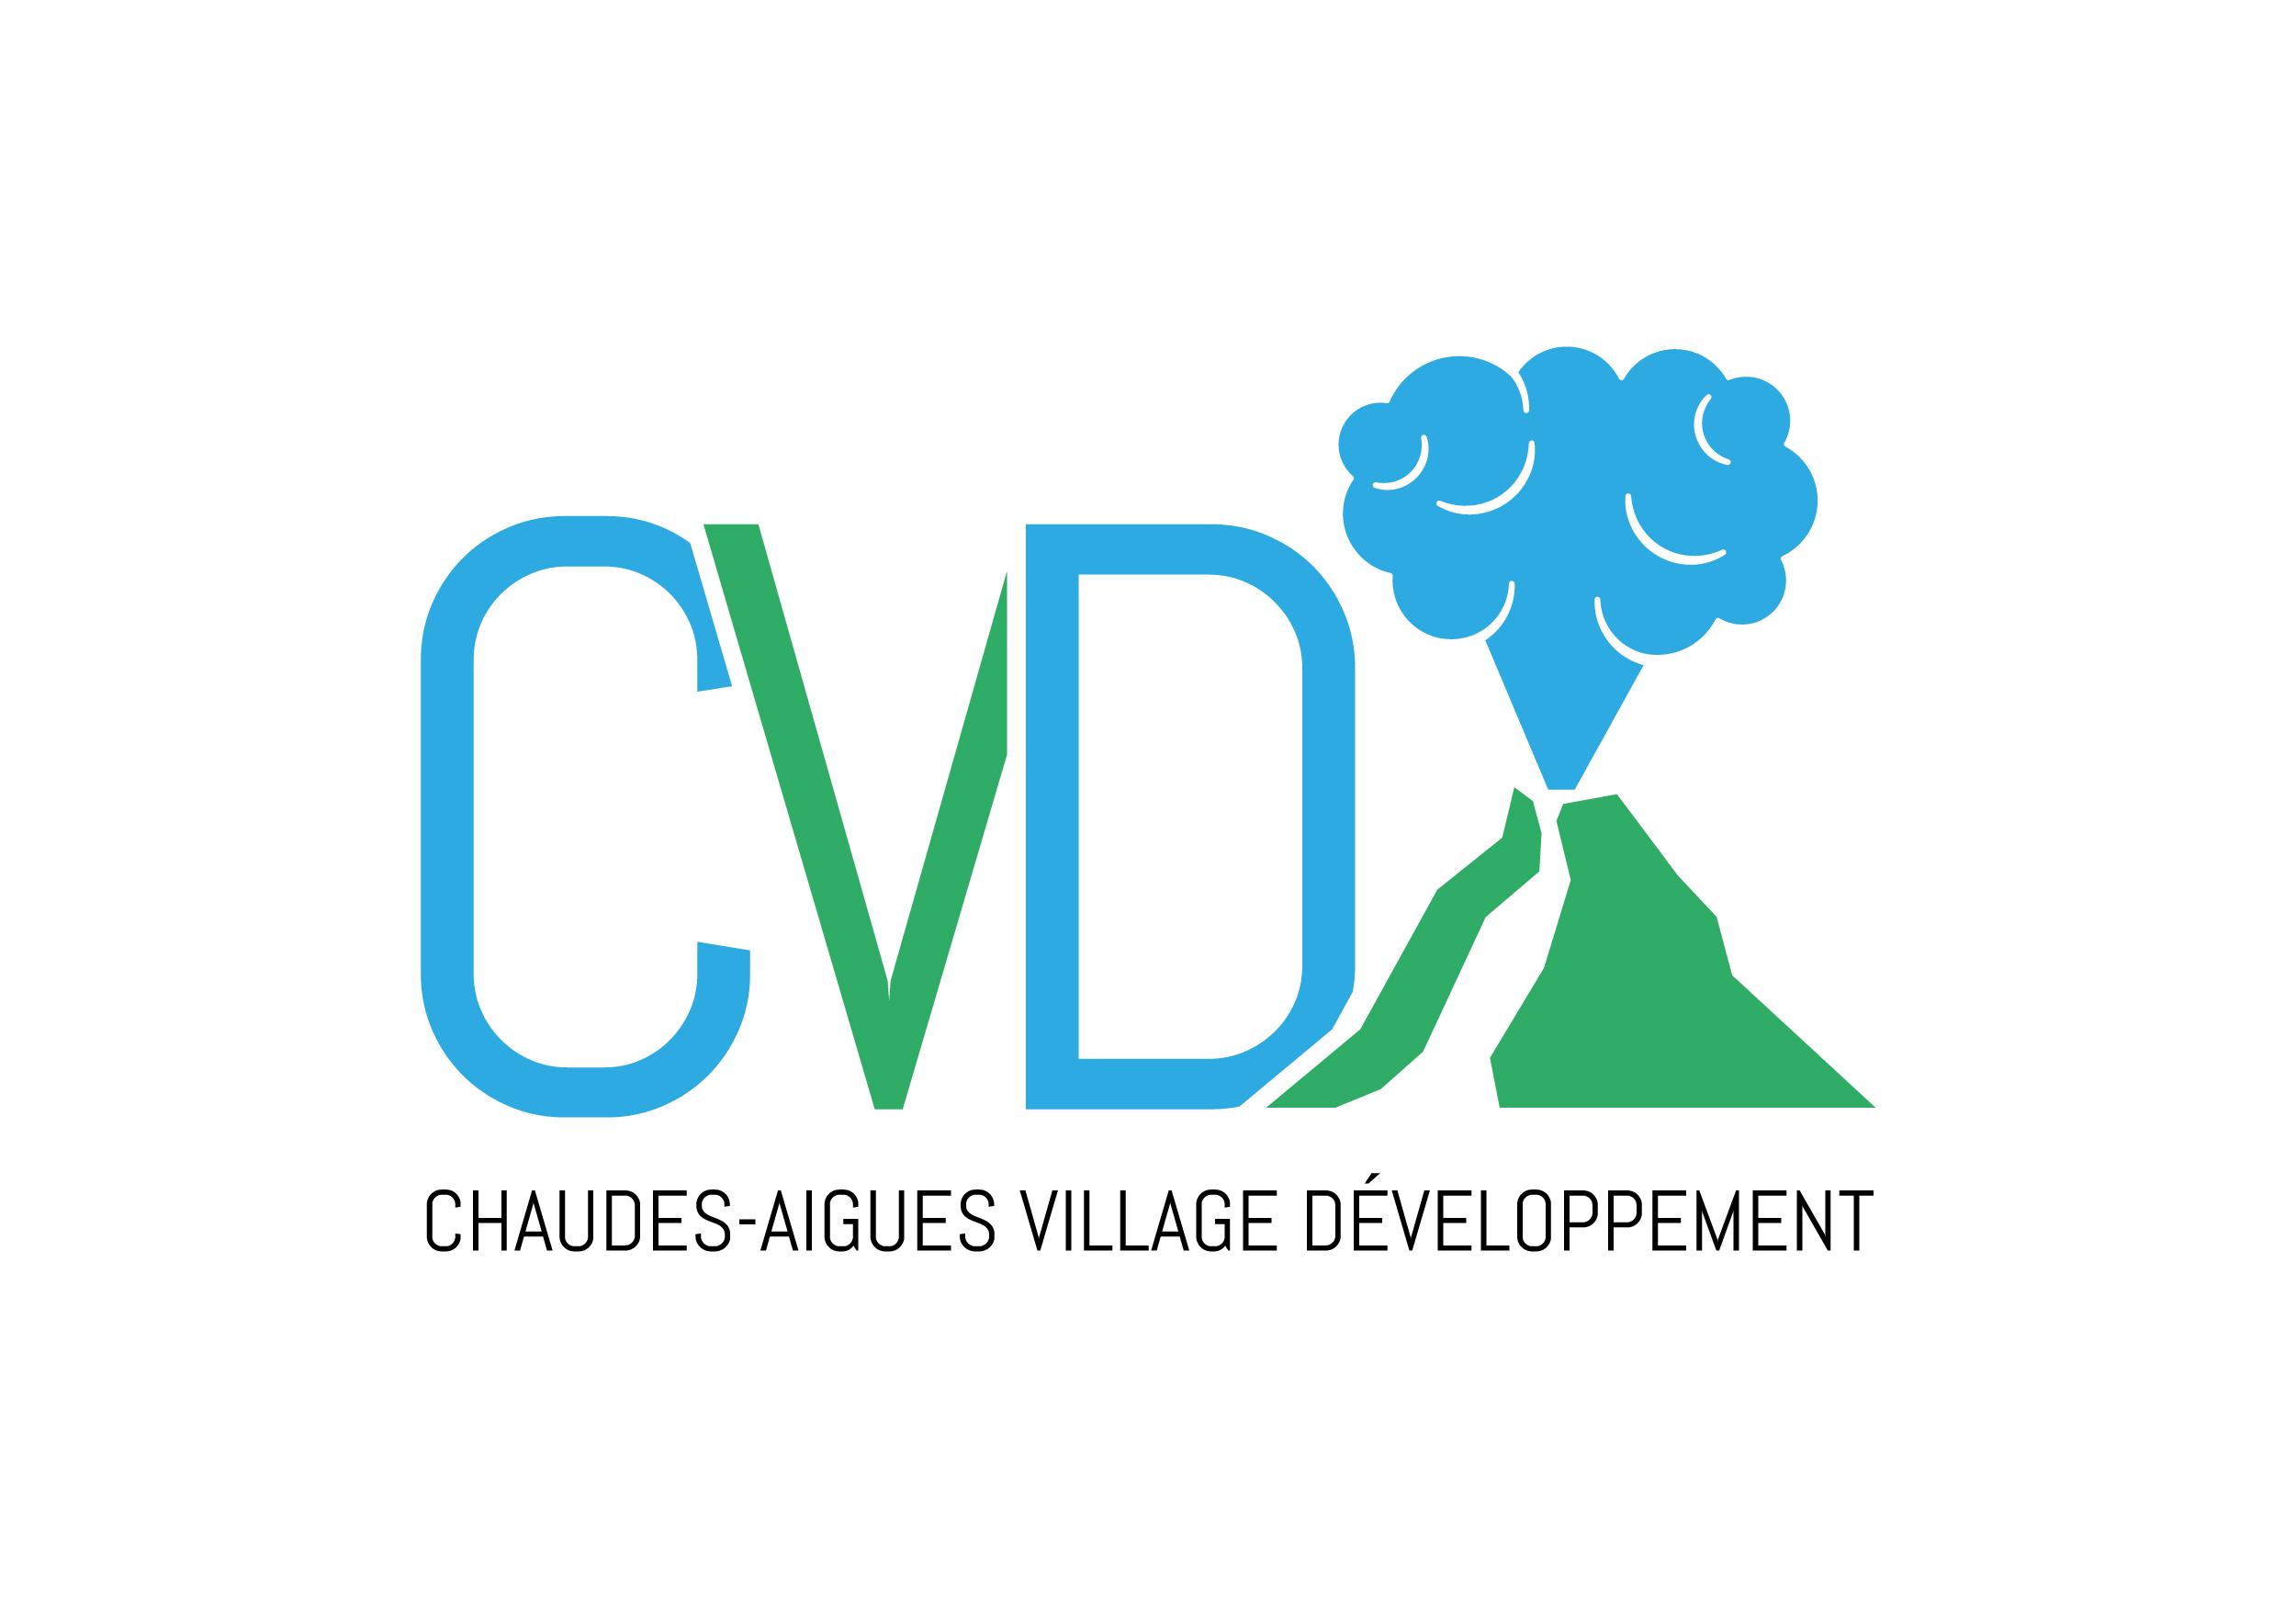 chaudes-aigues-village-developpement-livret